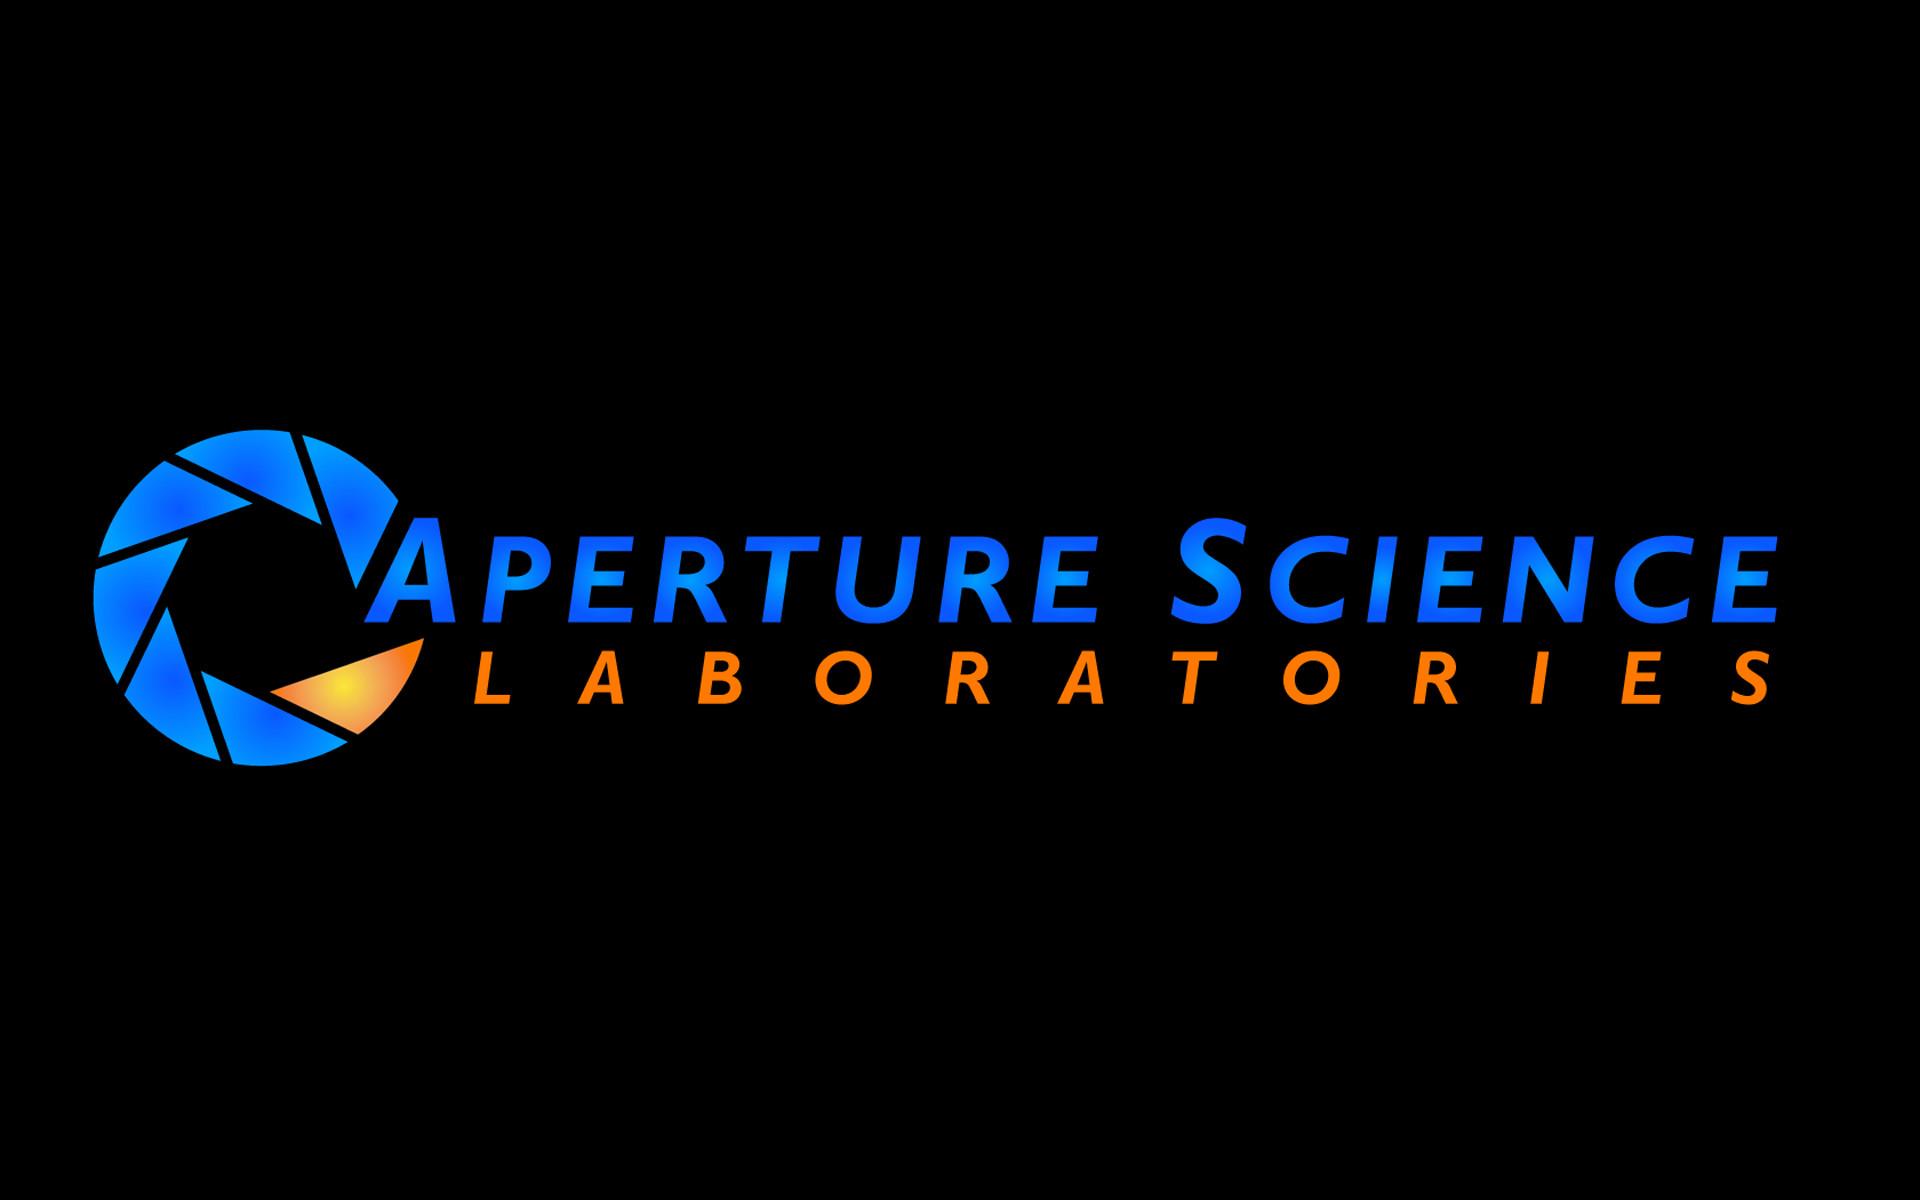 Aperture Science Wallpaper HD – WallpaperSafari